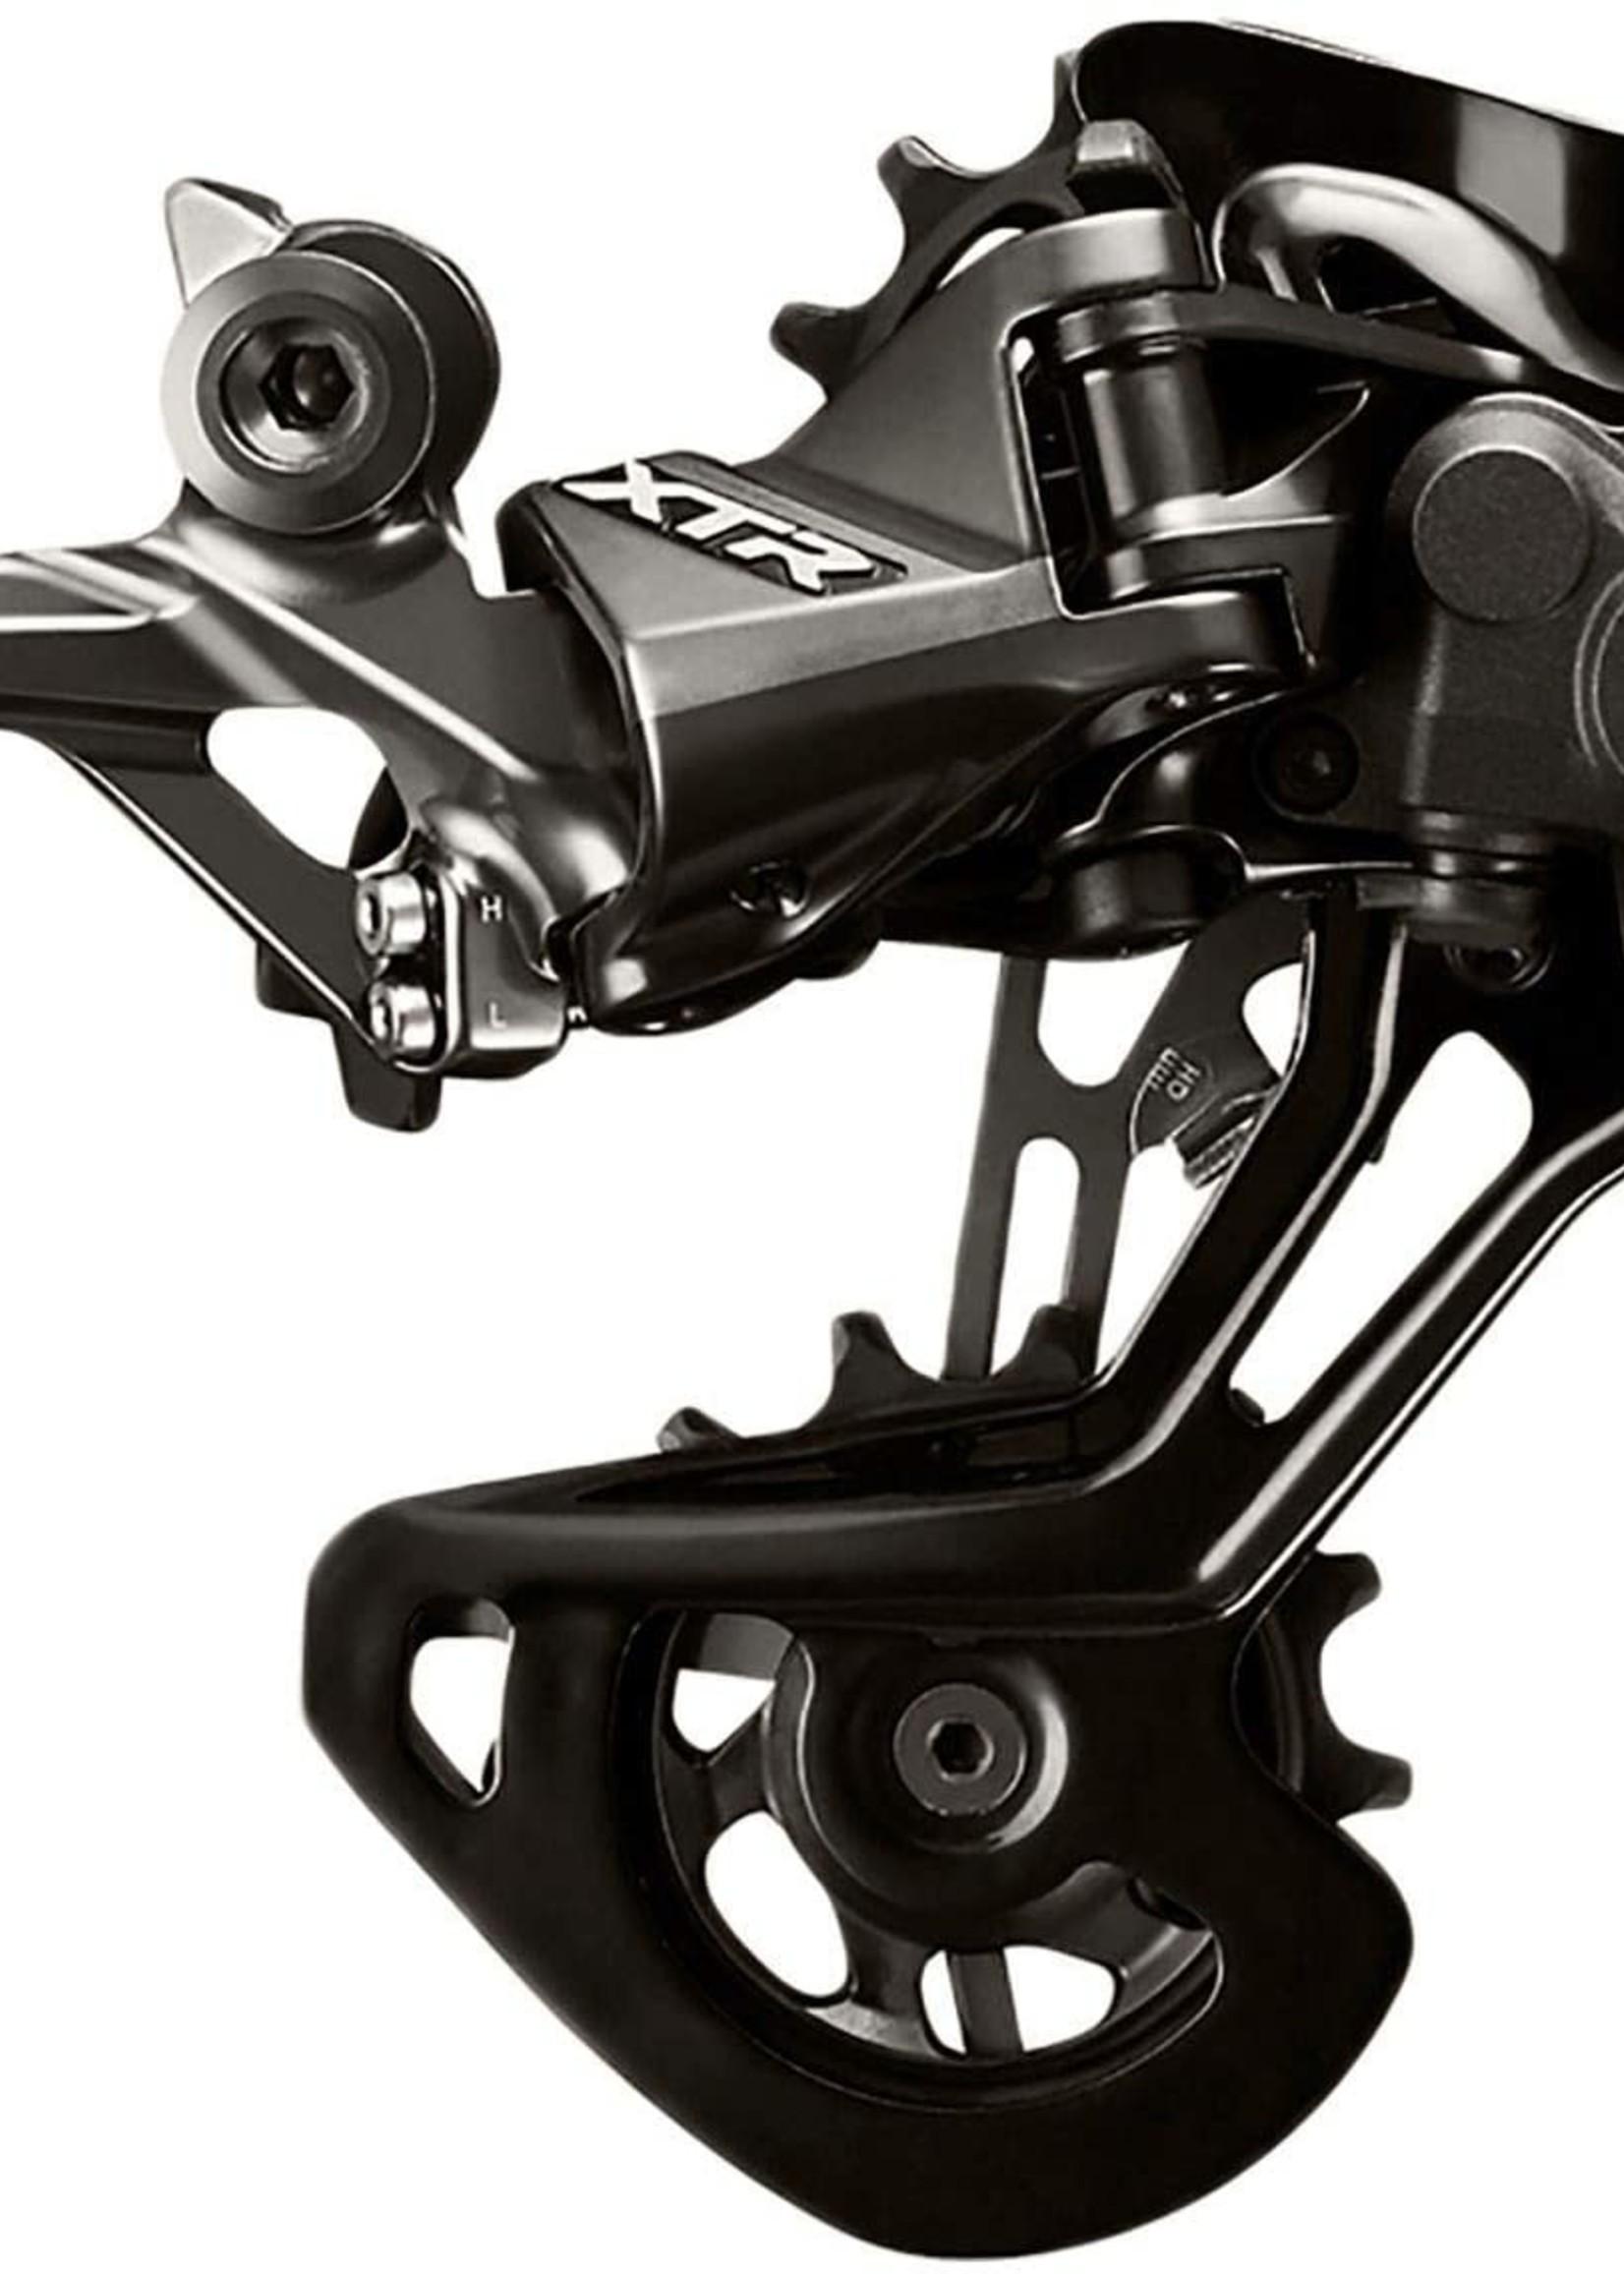 REAR DERAILLEUR, XTR GS CAGE RD-M9000, 11SP, FOR 1X11/2X11